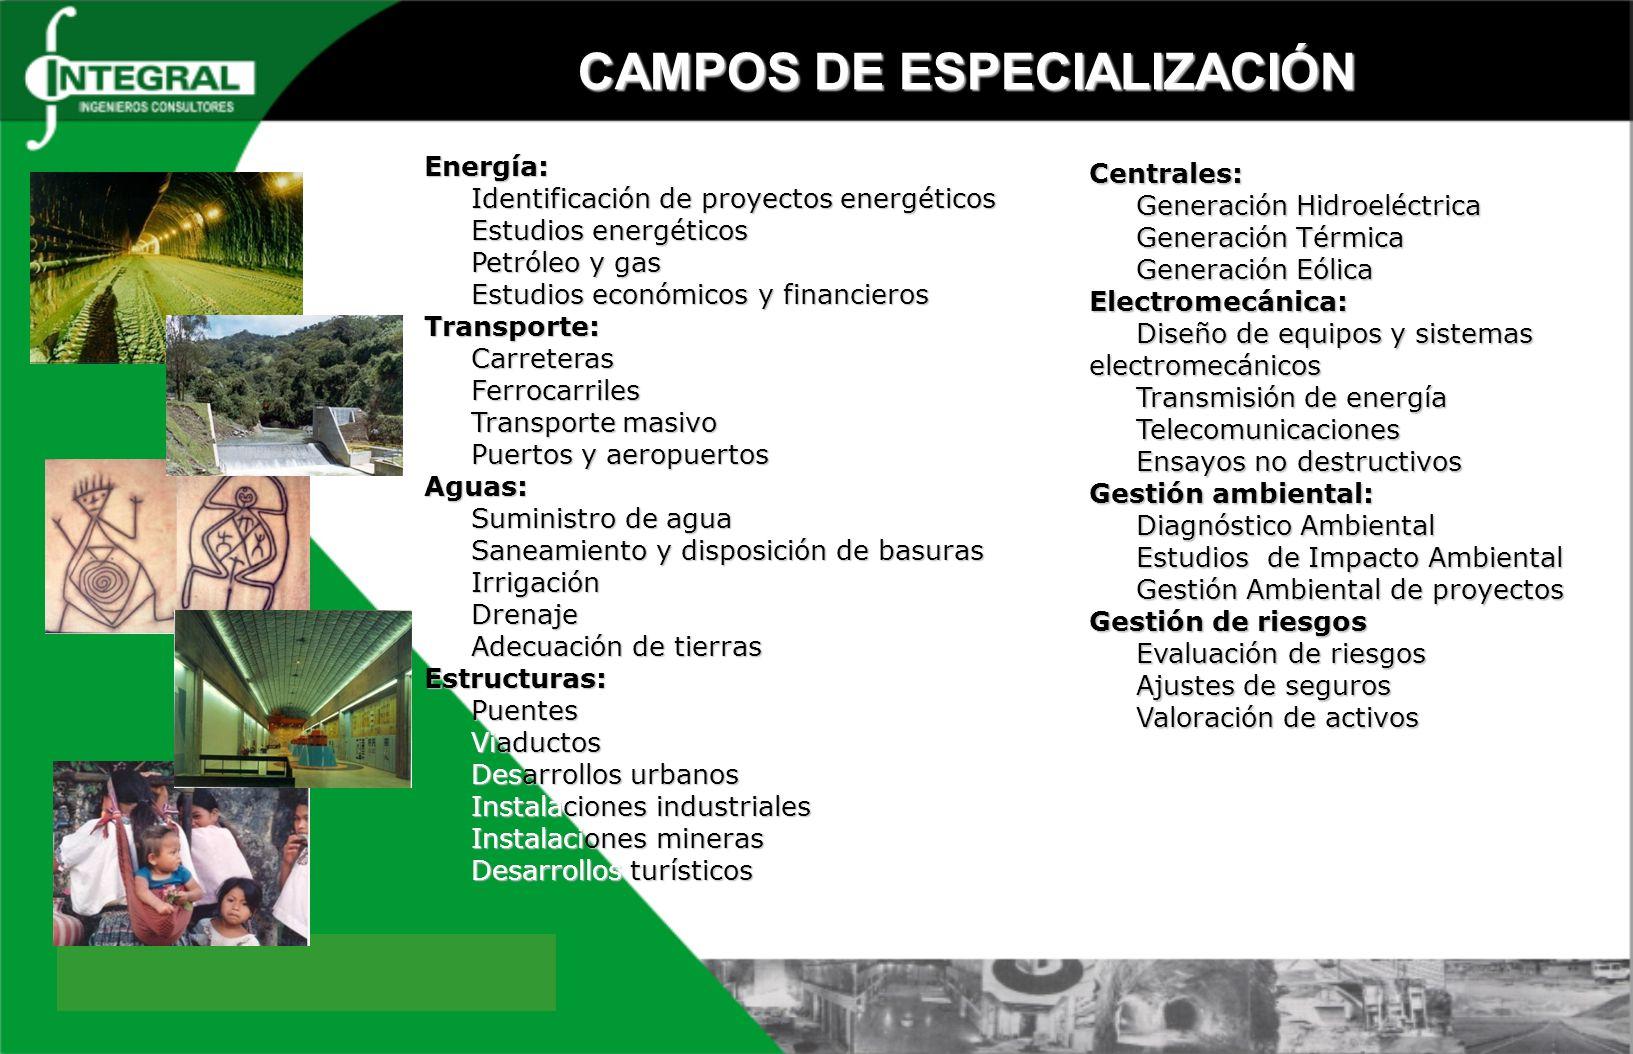 CAMPOS DE ESPECIALIZACIÓN